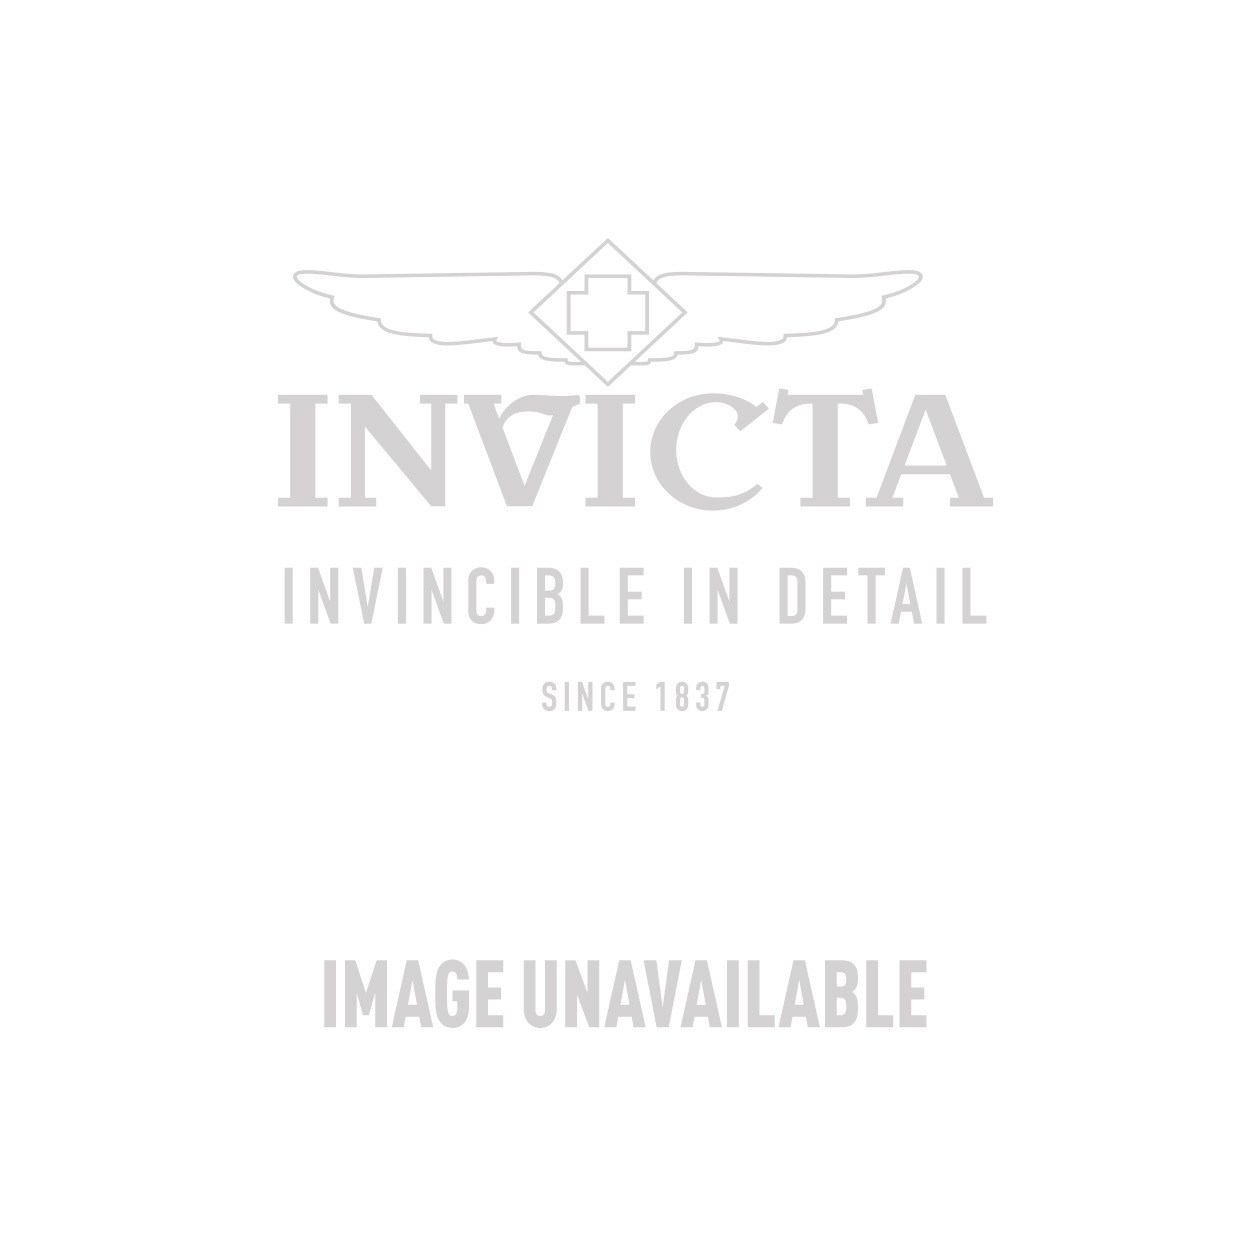 Invicta Model 25166